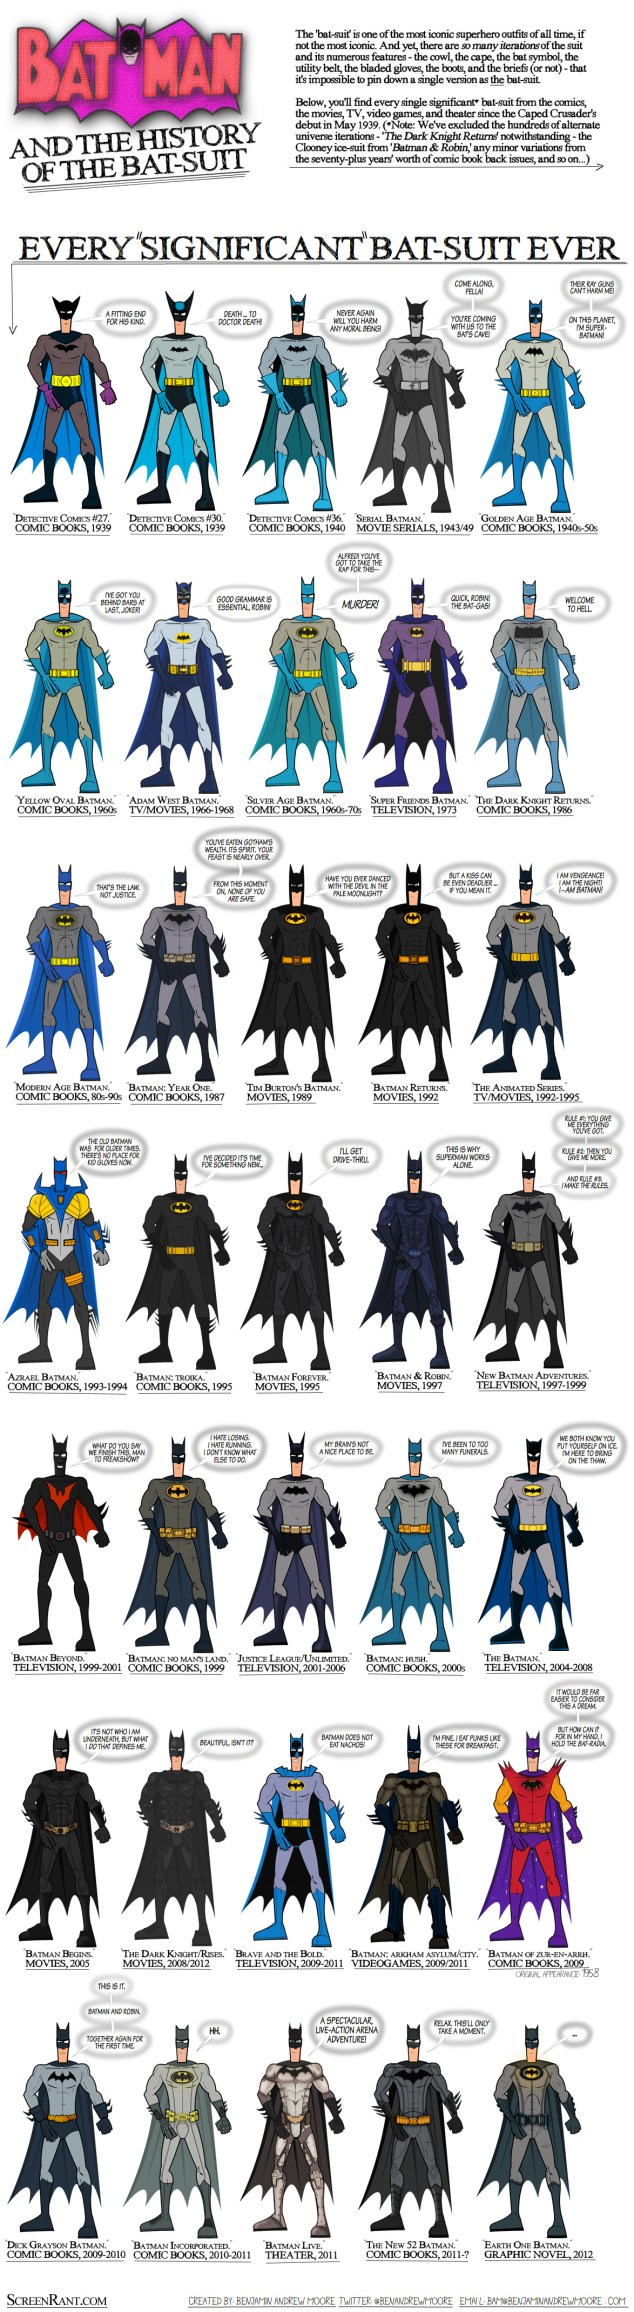 batman infographic every batsuit benm 144238 La evolución del traje de Batman a través de los años